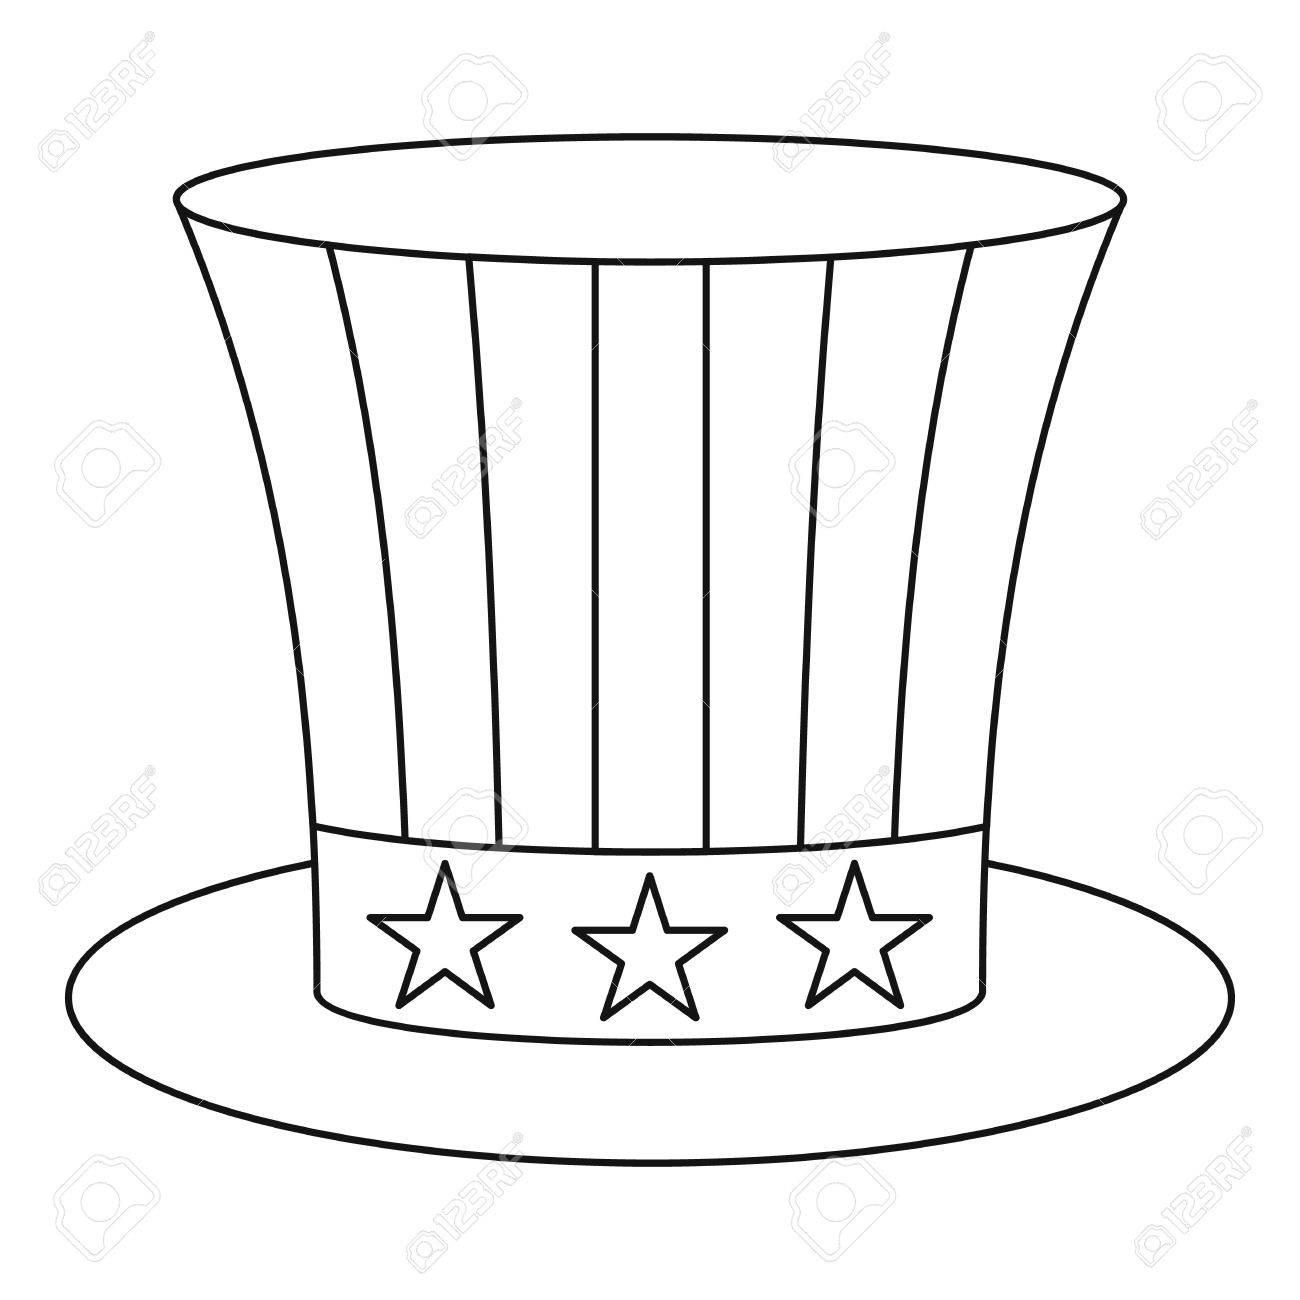 uncle sam hat icon outline illustration of uncle sam hat vector